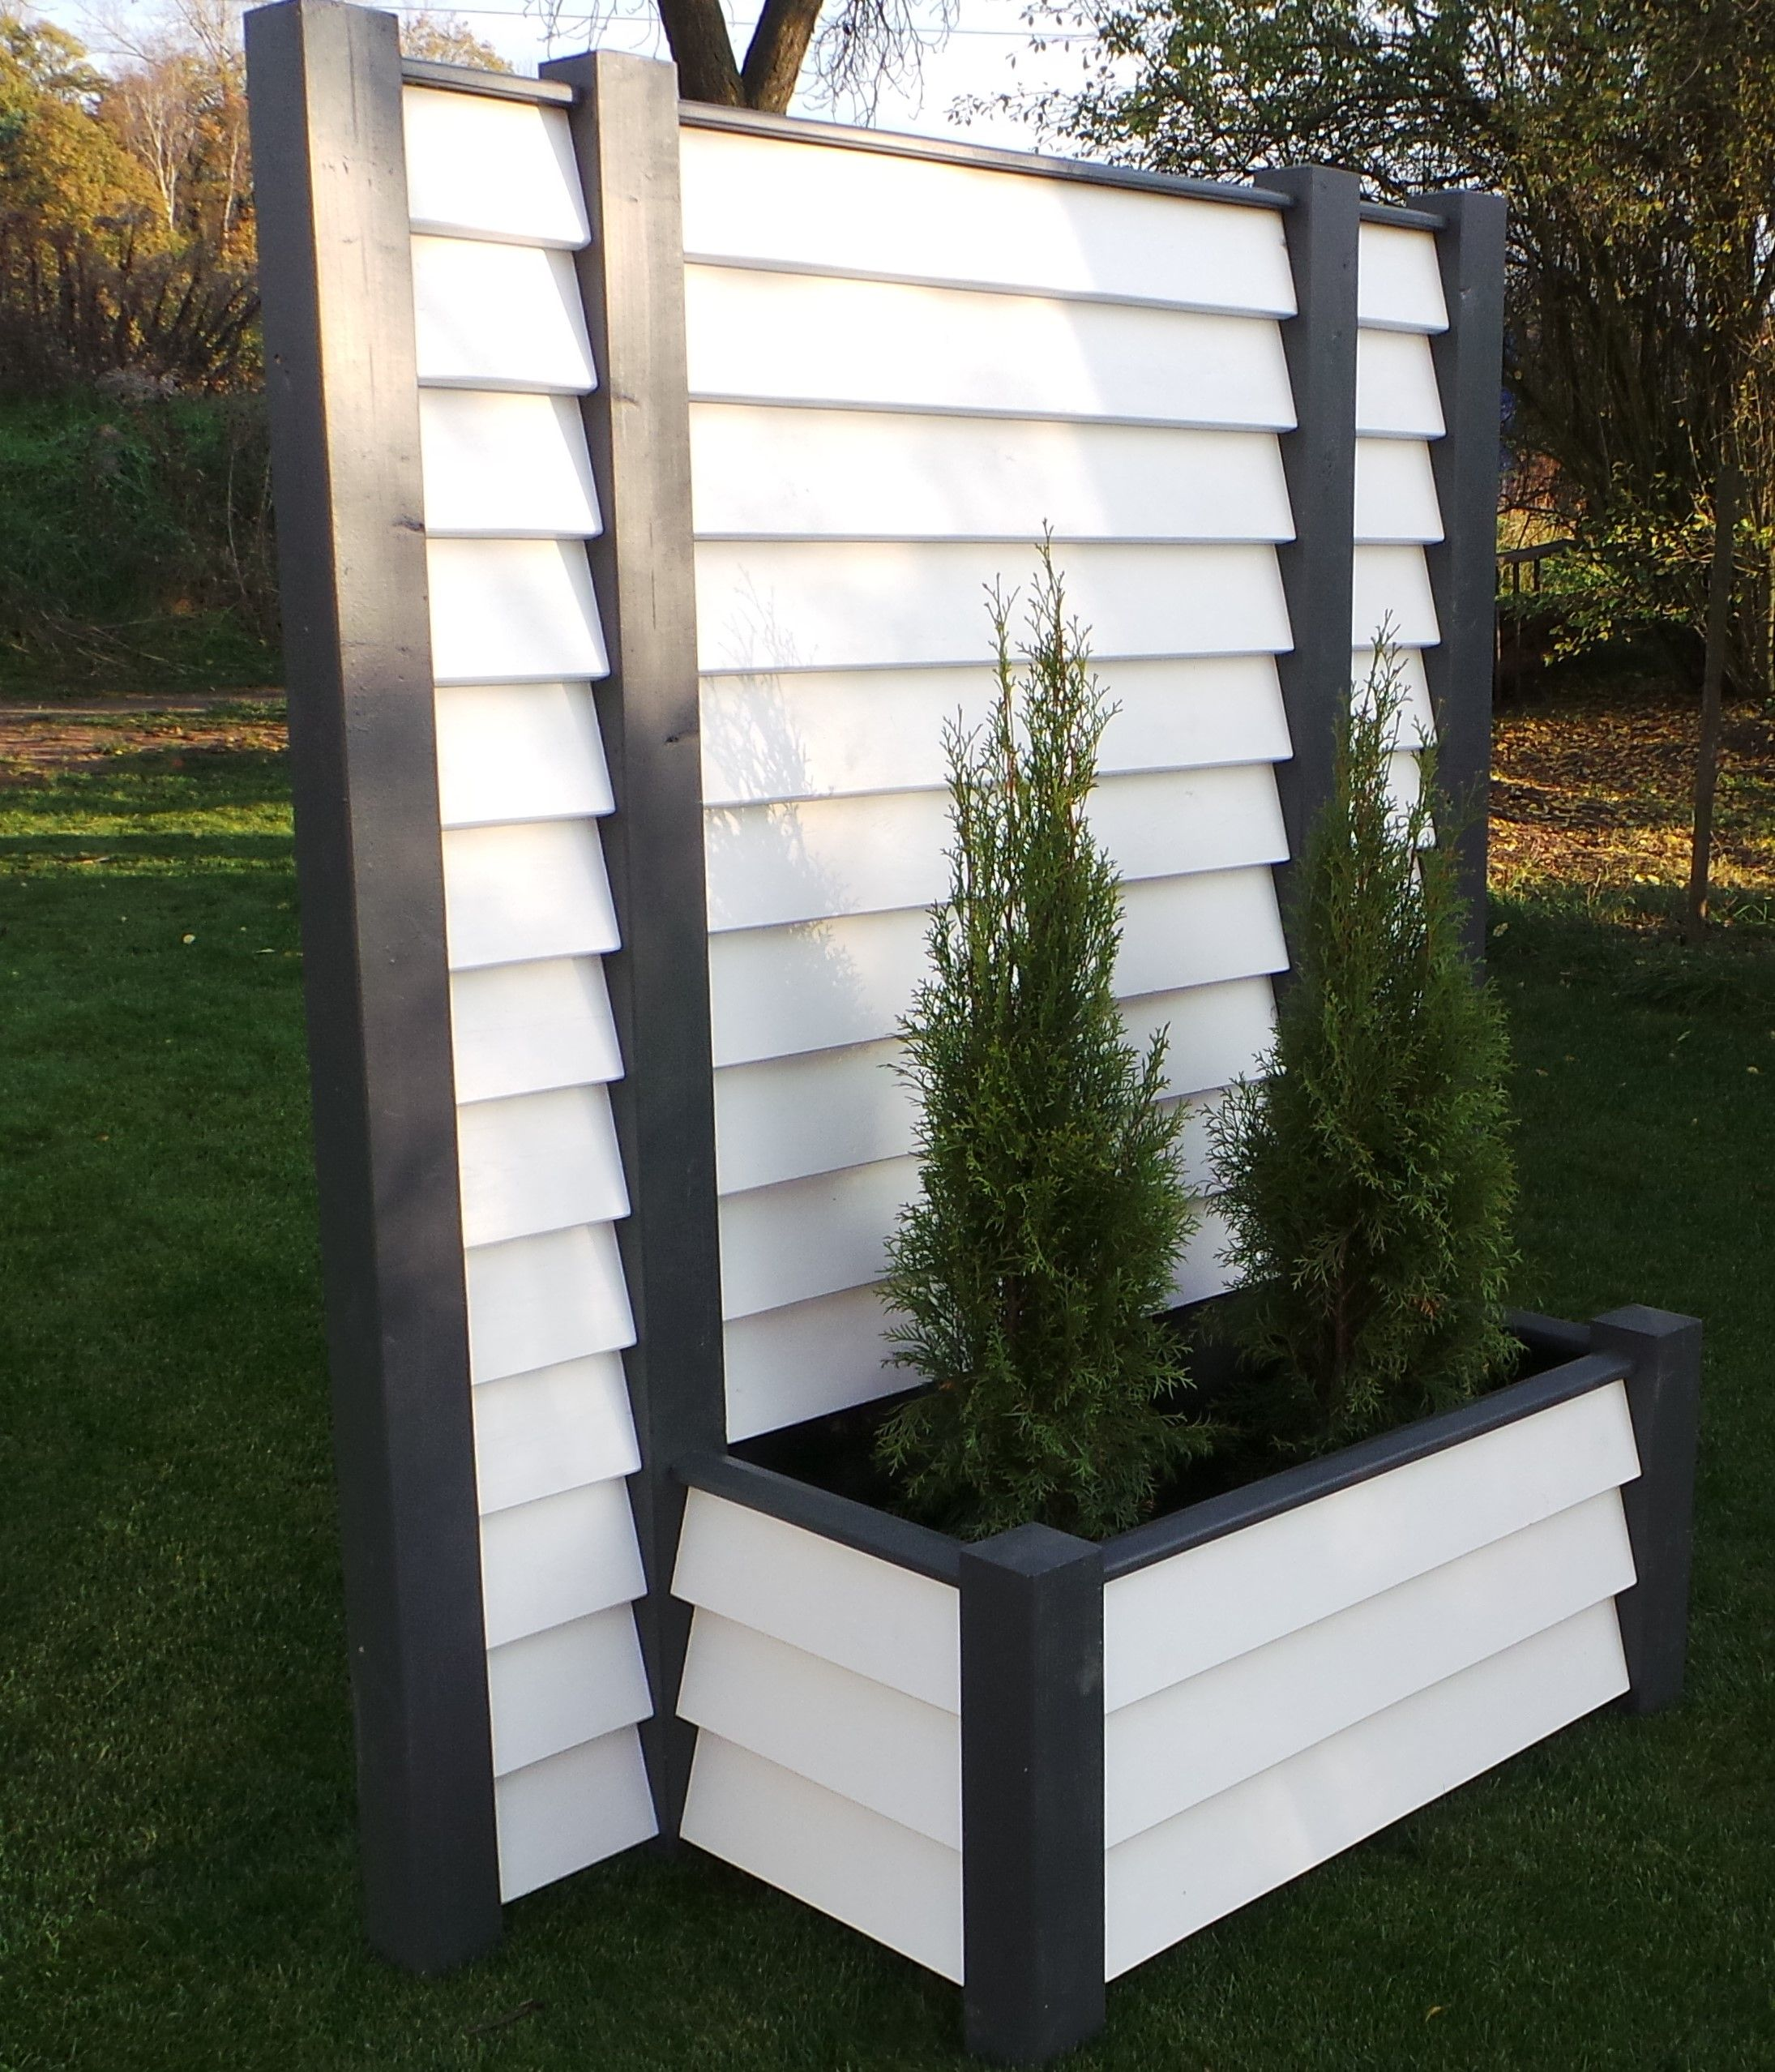 Mobiler Sichtschutz Massiv Sichtschutz Terrasse Pflanzkasten